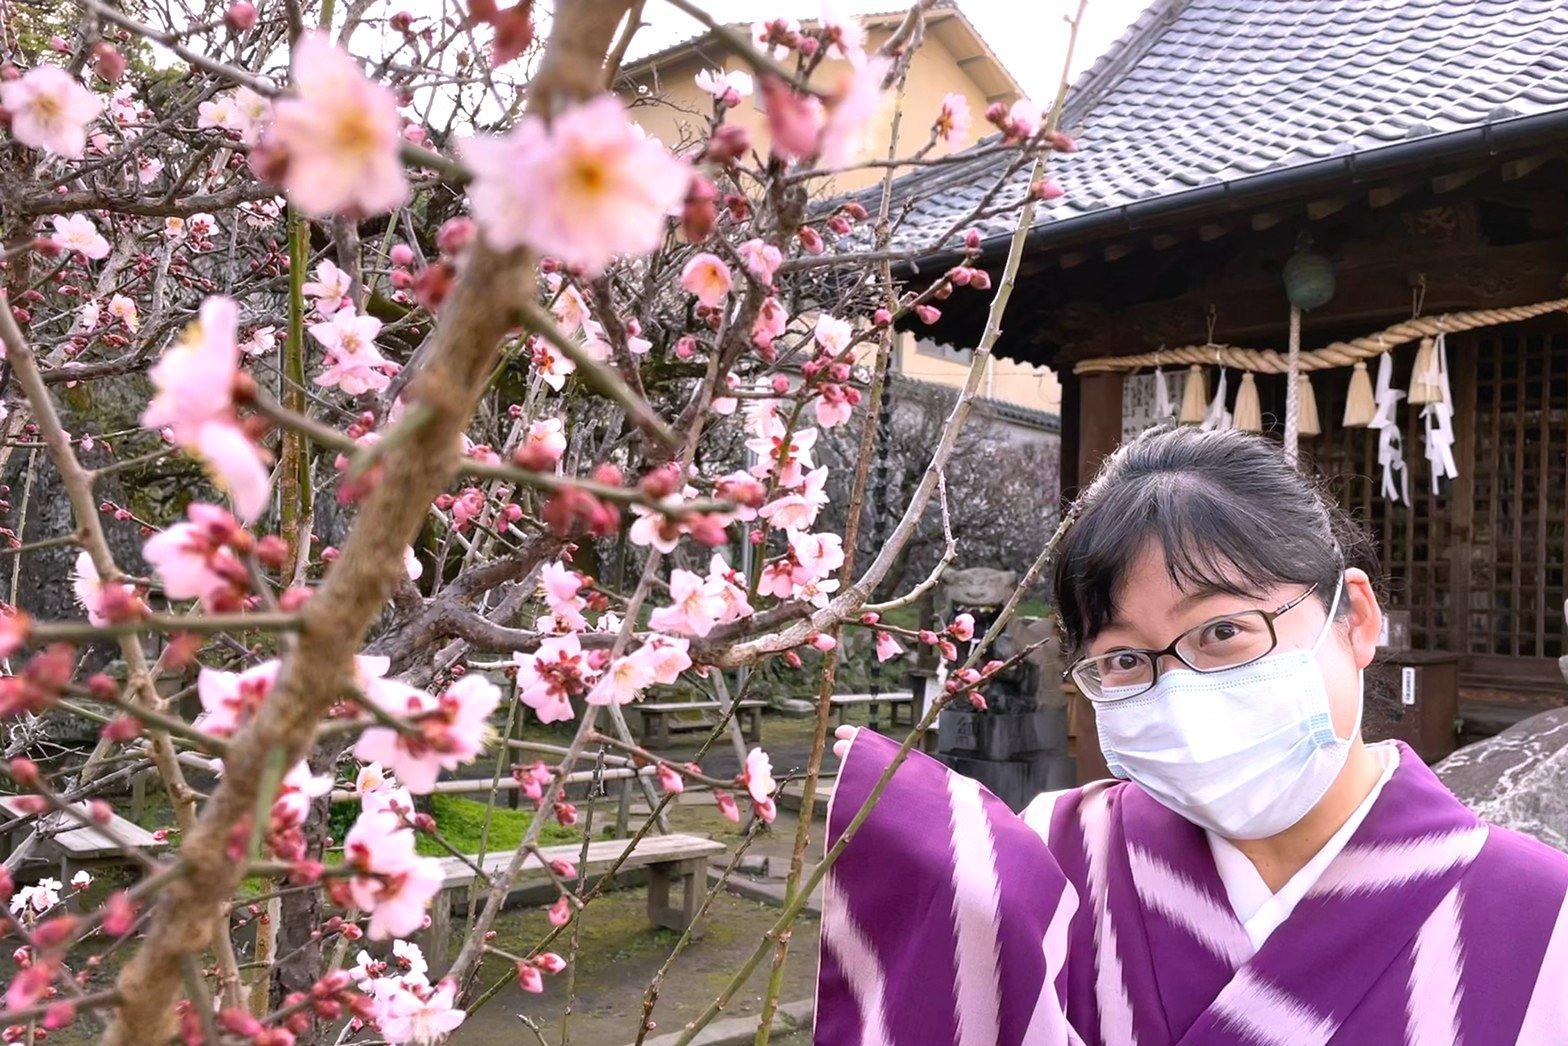 長崎市 丸山 梅園身代り天満宮の梅が見頃! 「長崎ぶらぶら節」の舞台を訪ねて-1